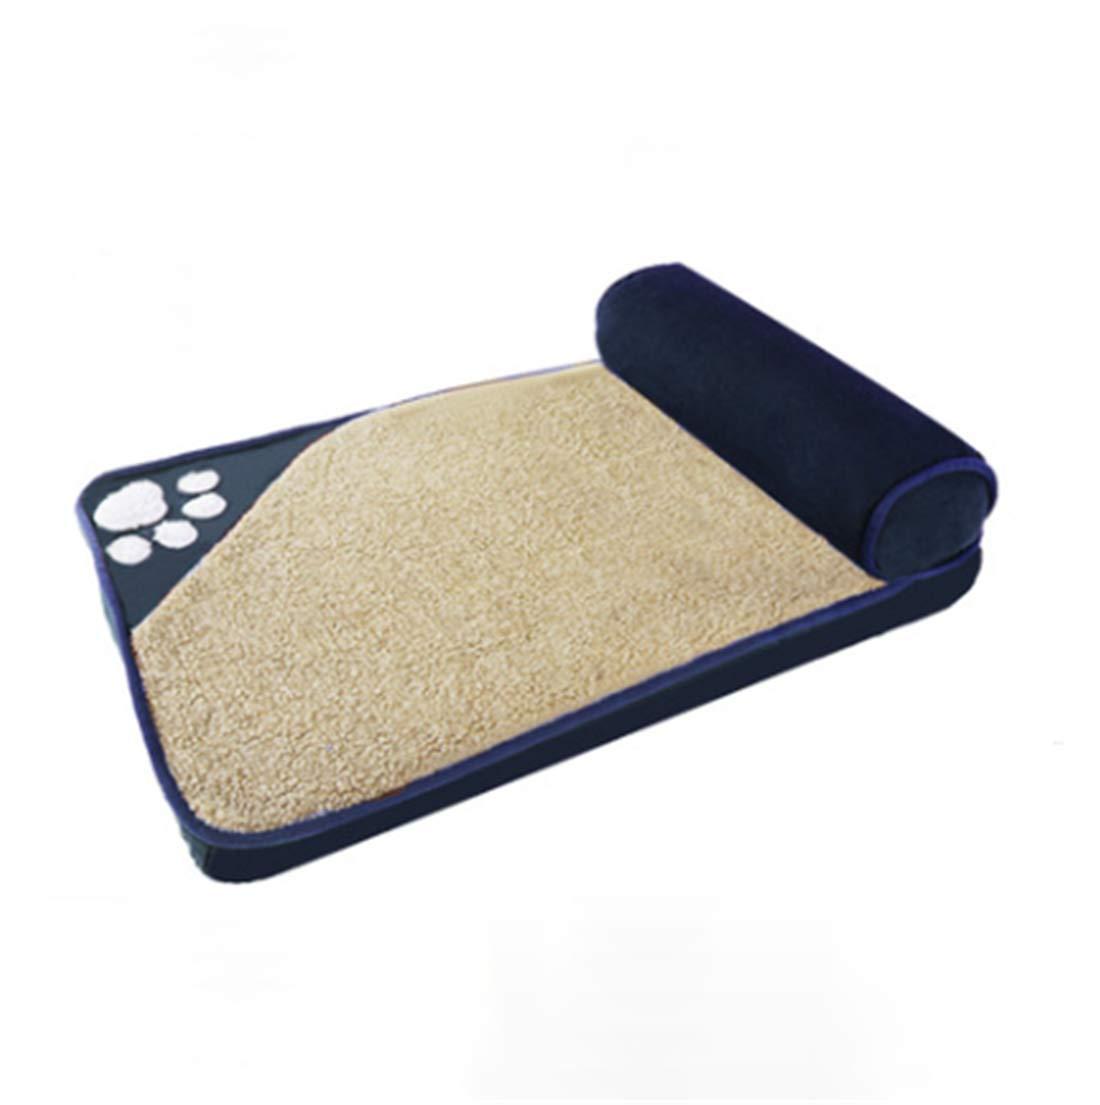 Tela De Oxford Perrera Cama De Almohada PP Cotton Filled Sueño Confortable Limpieza Desmontable Slip Inferior/Azul Marino / 4 Tamaños